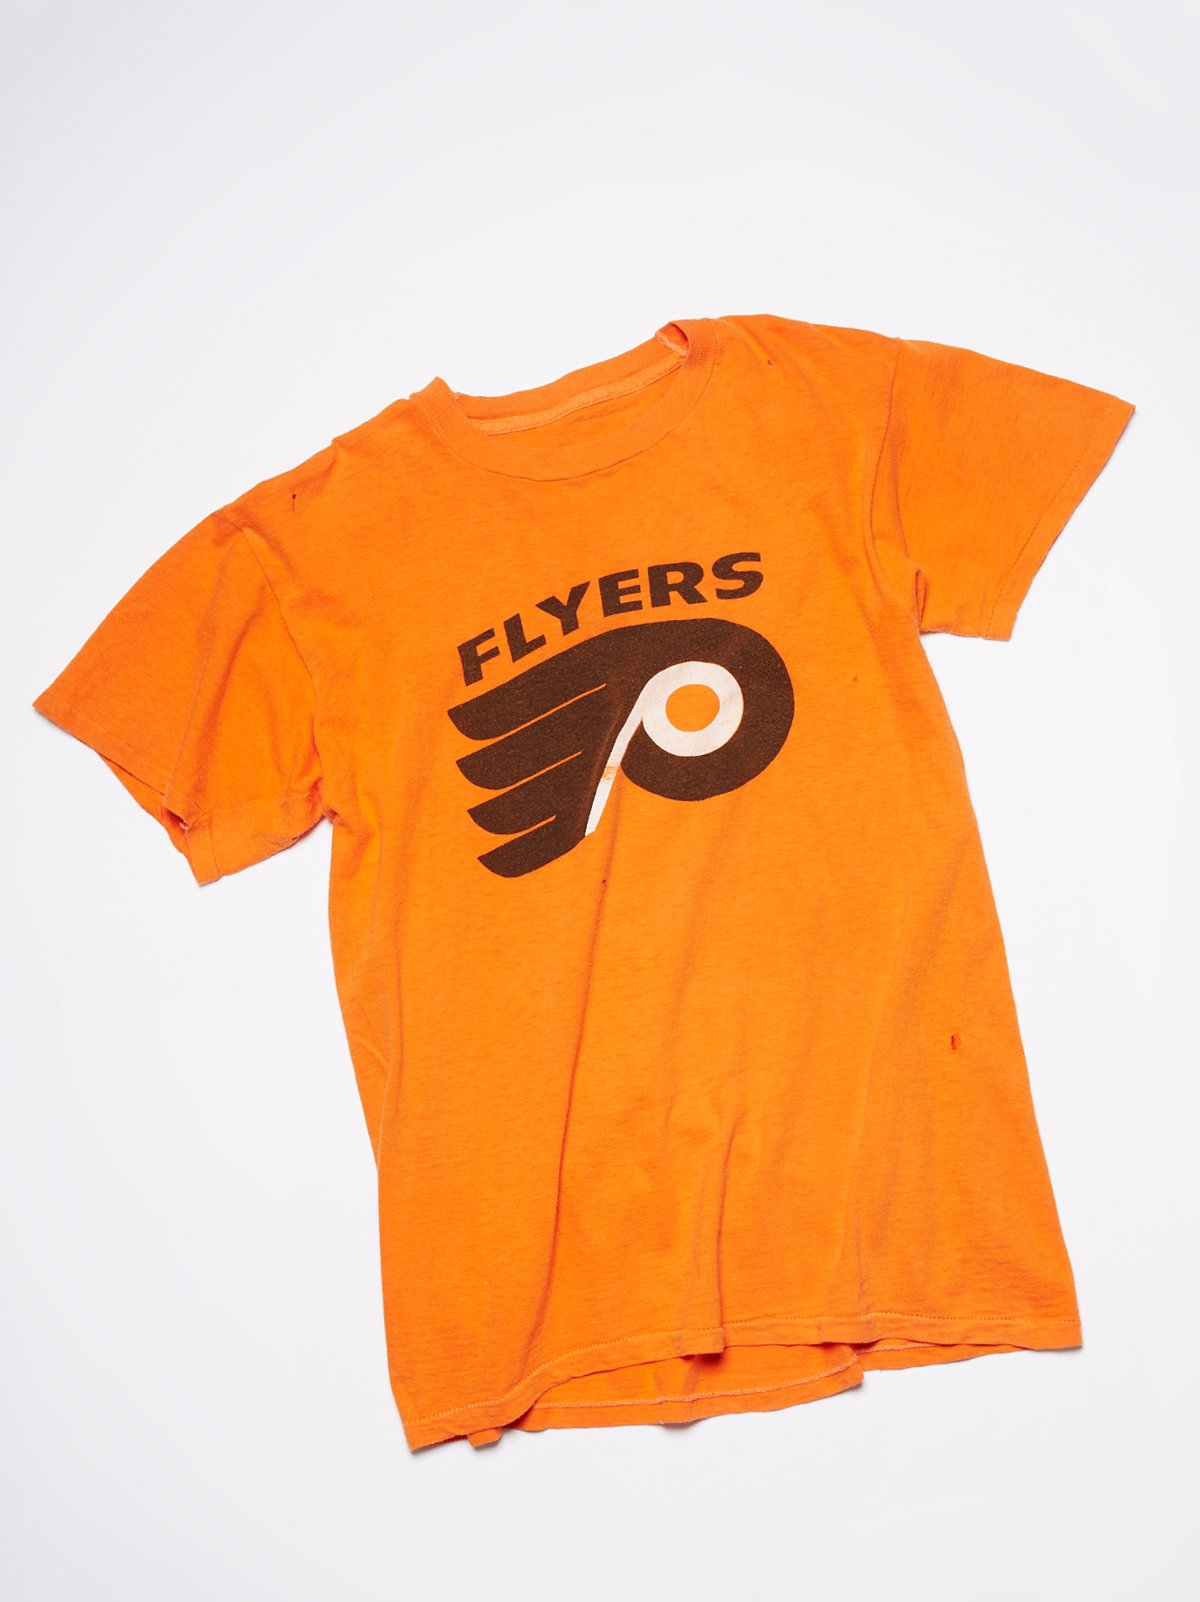 Vintage Philadelphia Flyers Tee